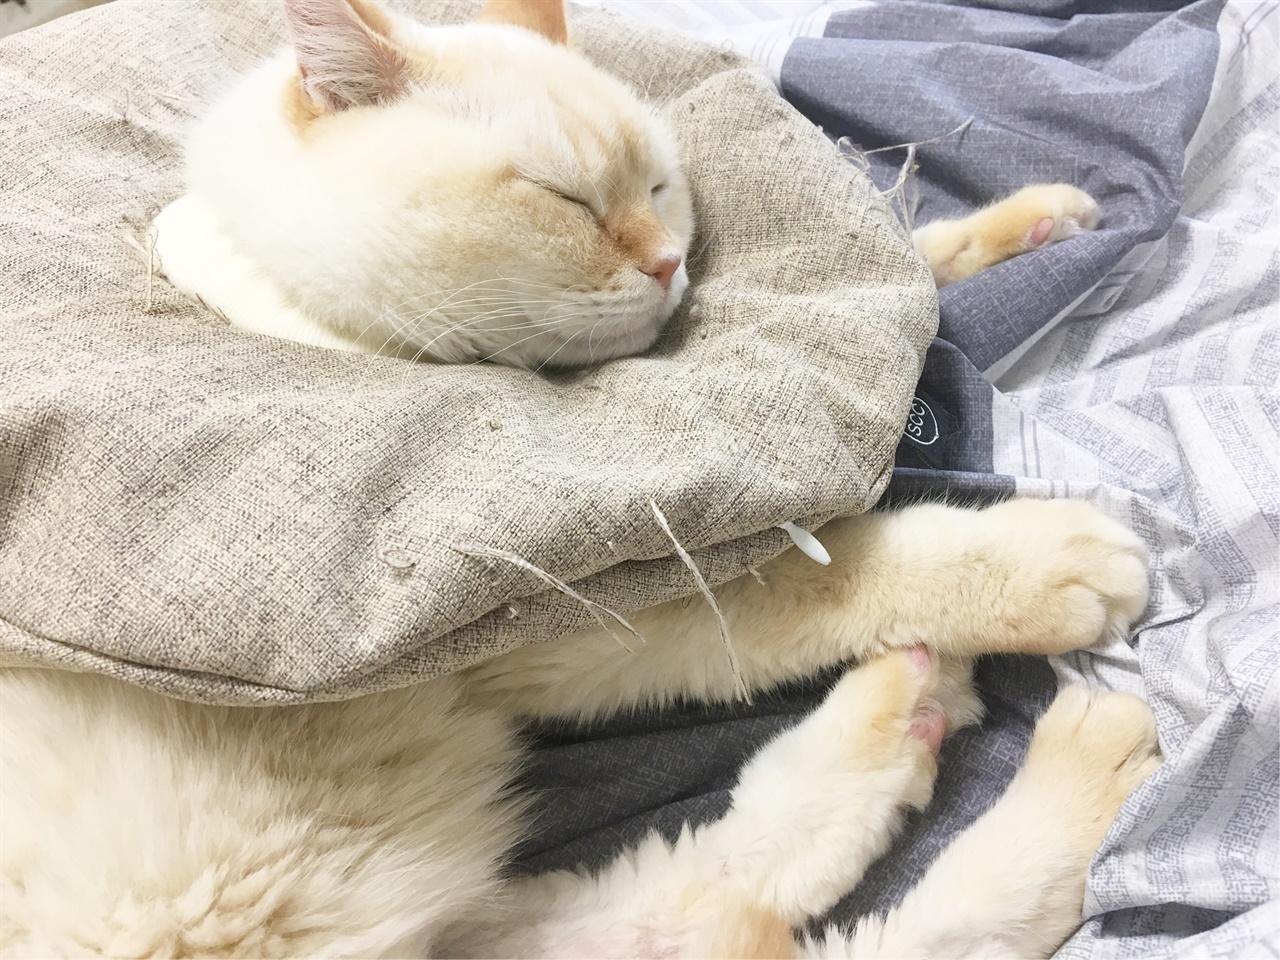 링웜 때문에 넥카라를 쓰고 지냈던 고양이 달이